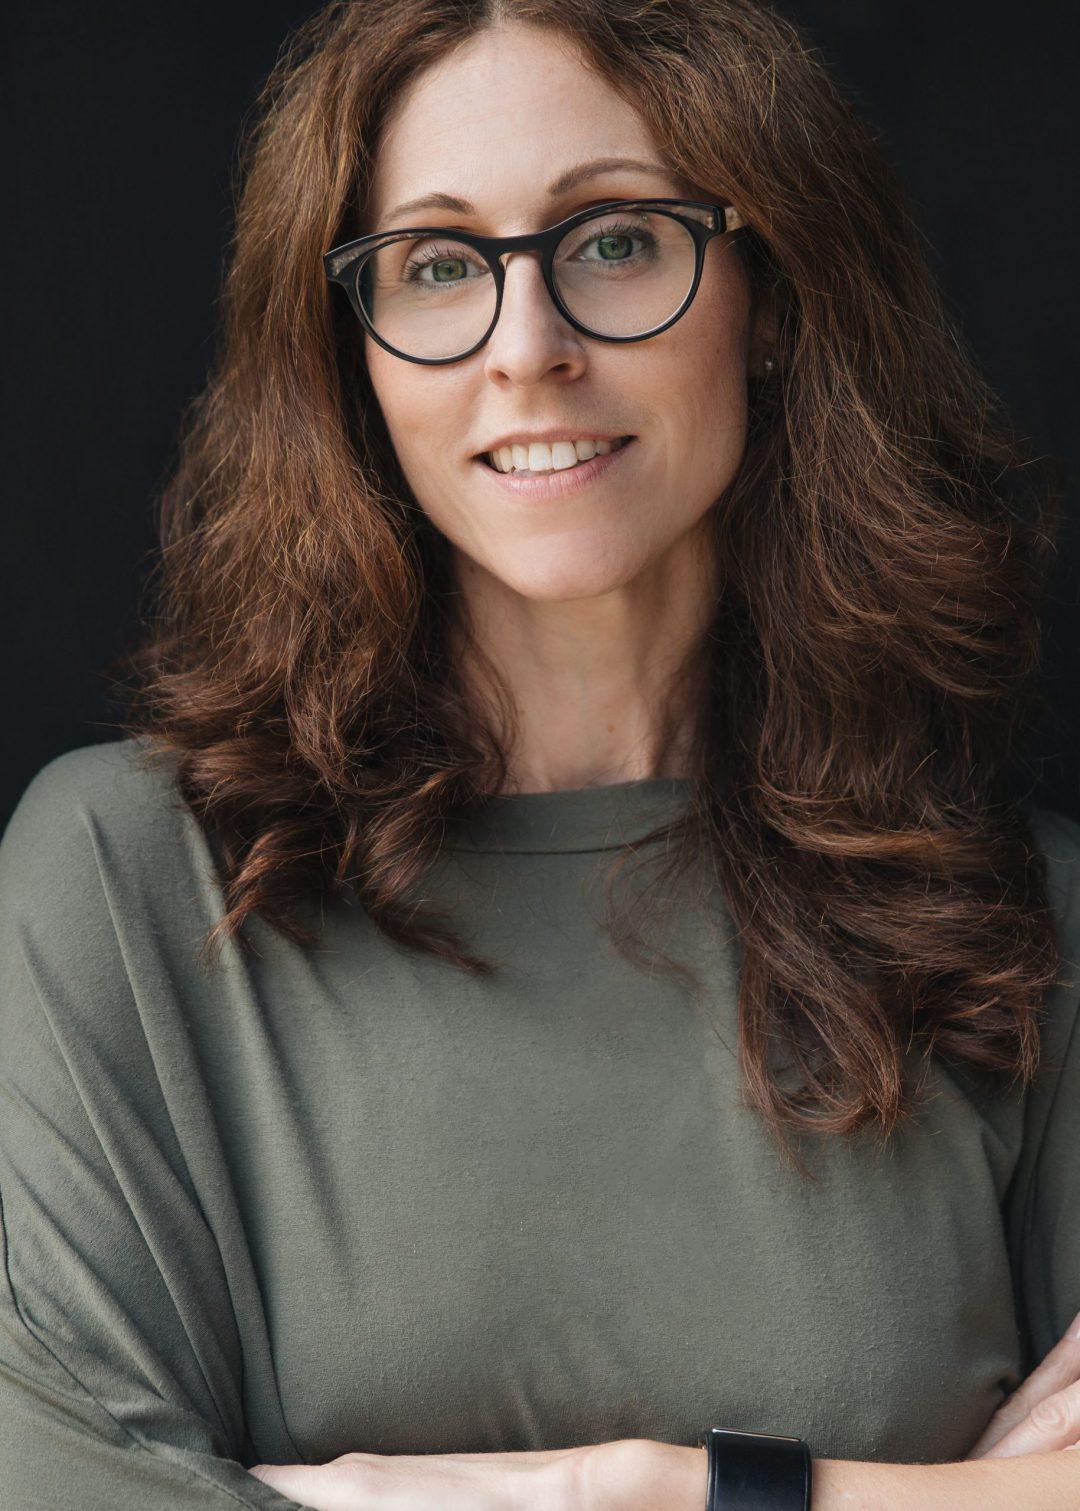 Amanda Dervaitis